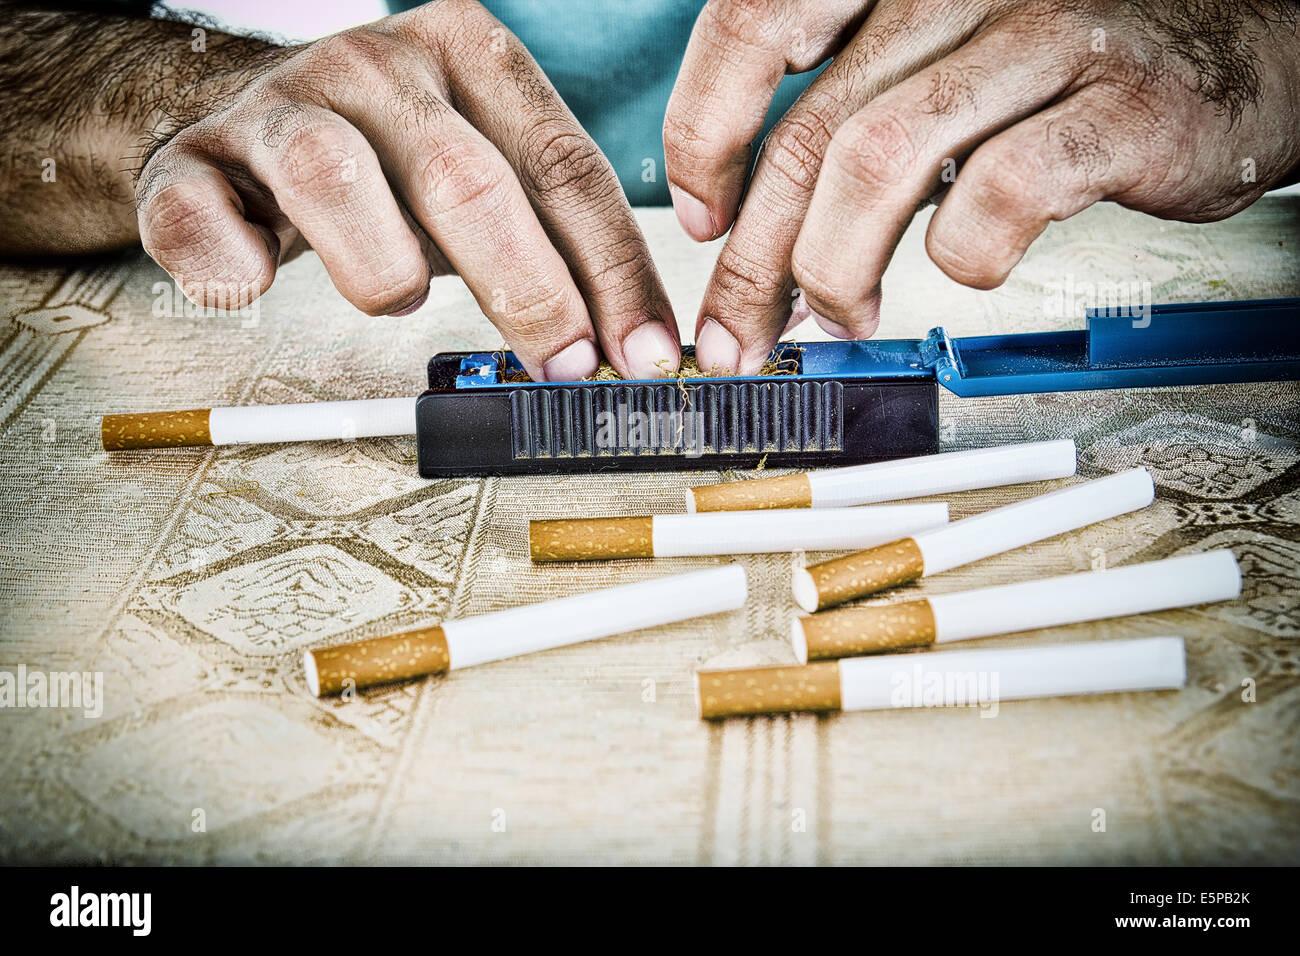 Как из табака сделать сигареты самому